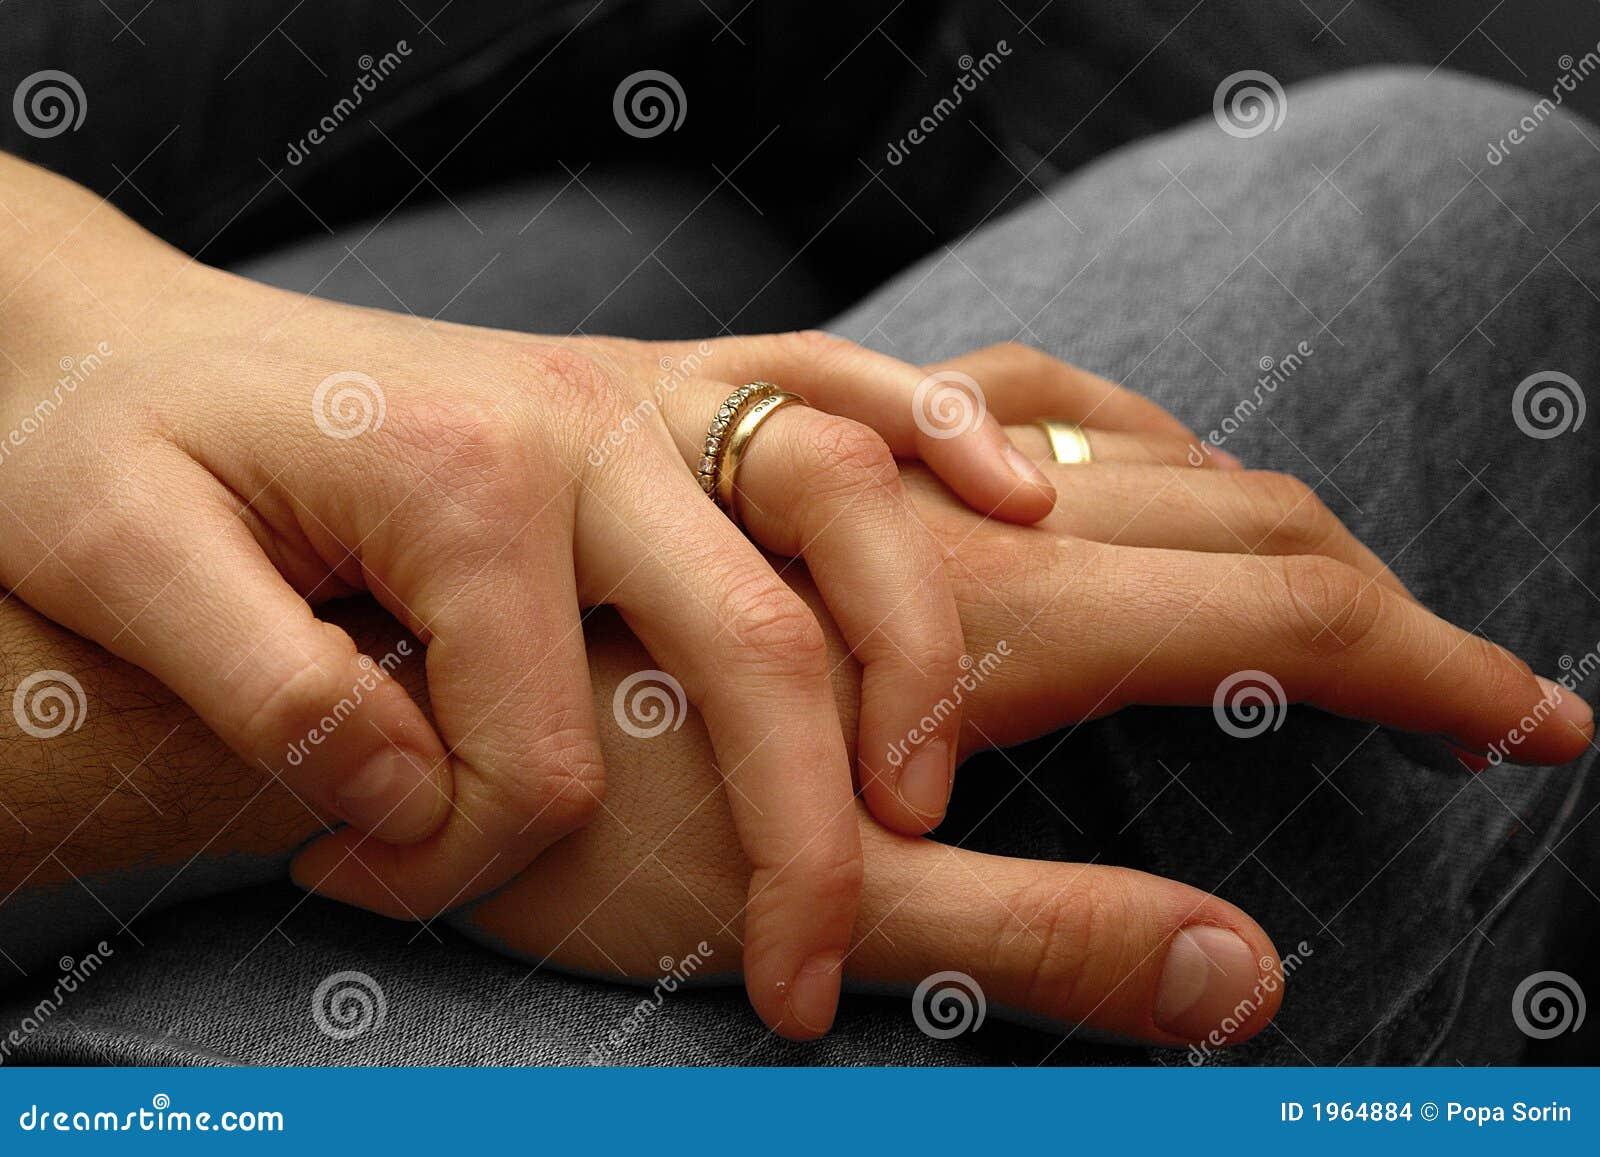 felizes pt site de relacionamento gratis